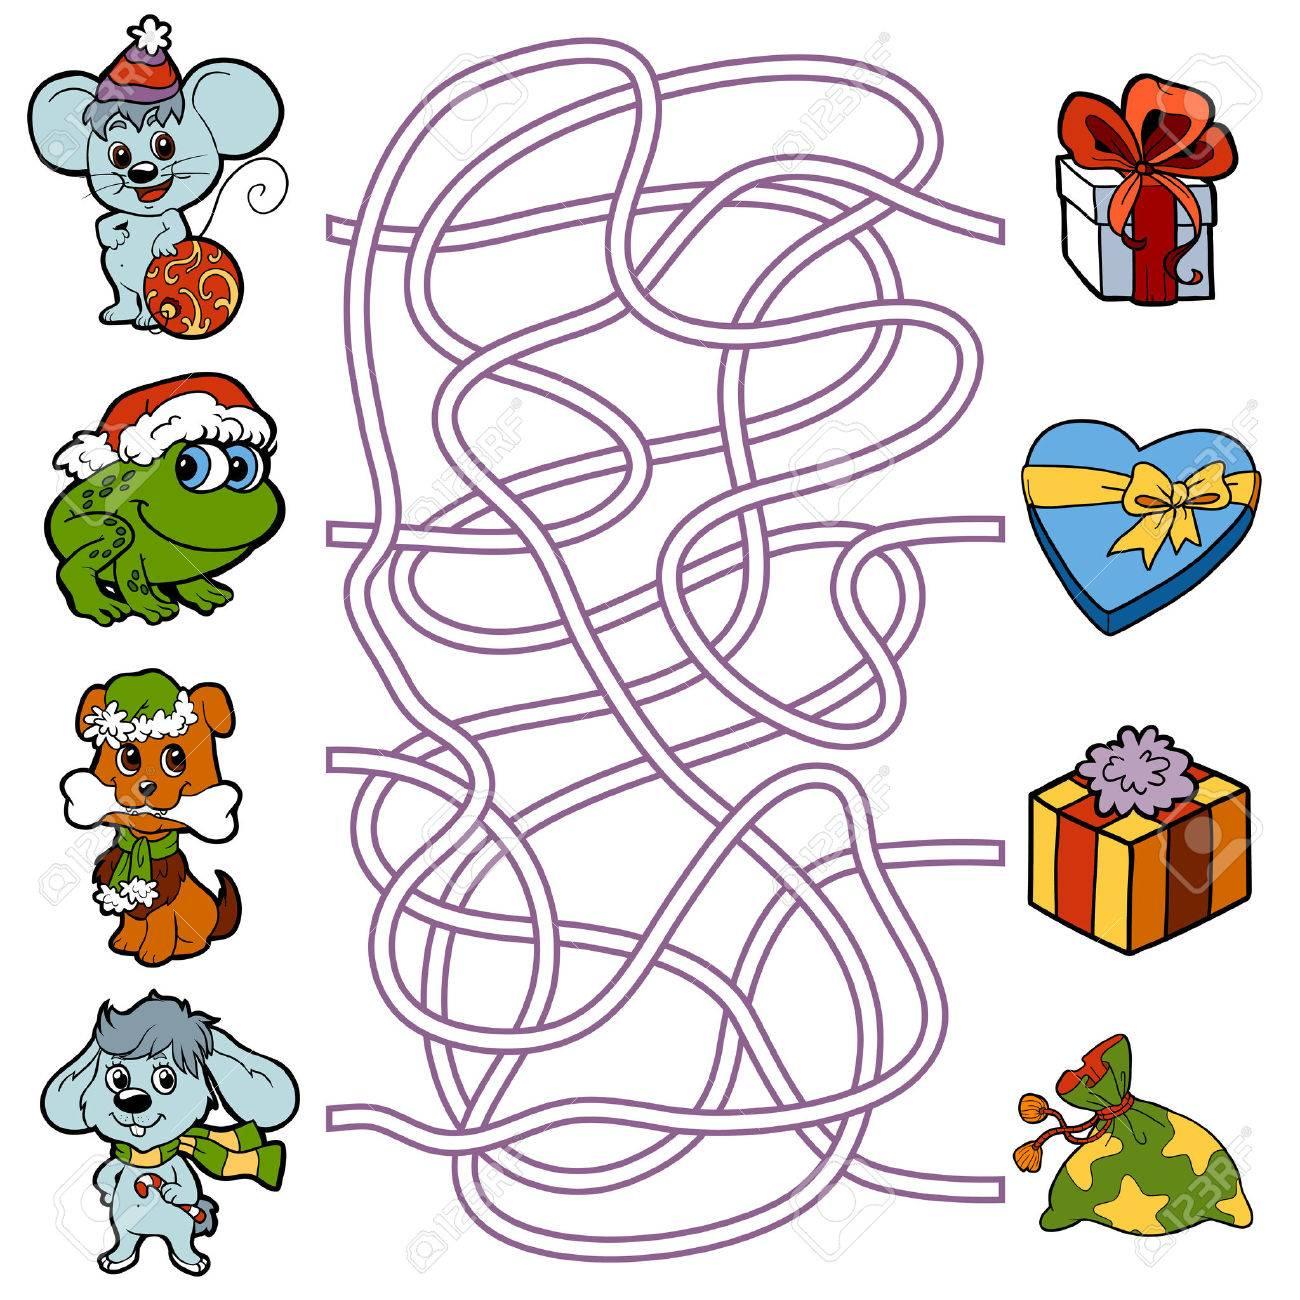 Regalos Para Ninos Pequenos.Juego De La Educacion Laberinto Para Ninos Pequenos Animales Y Los Regalos De Navidad